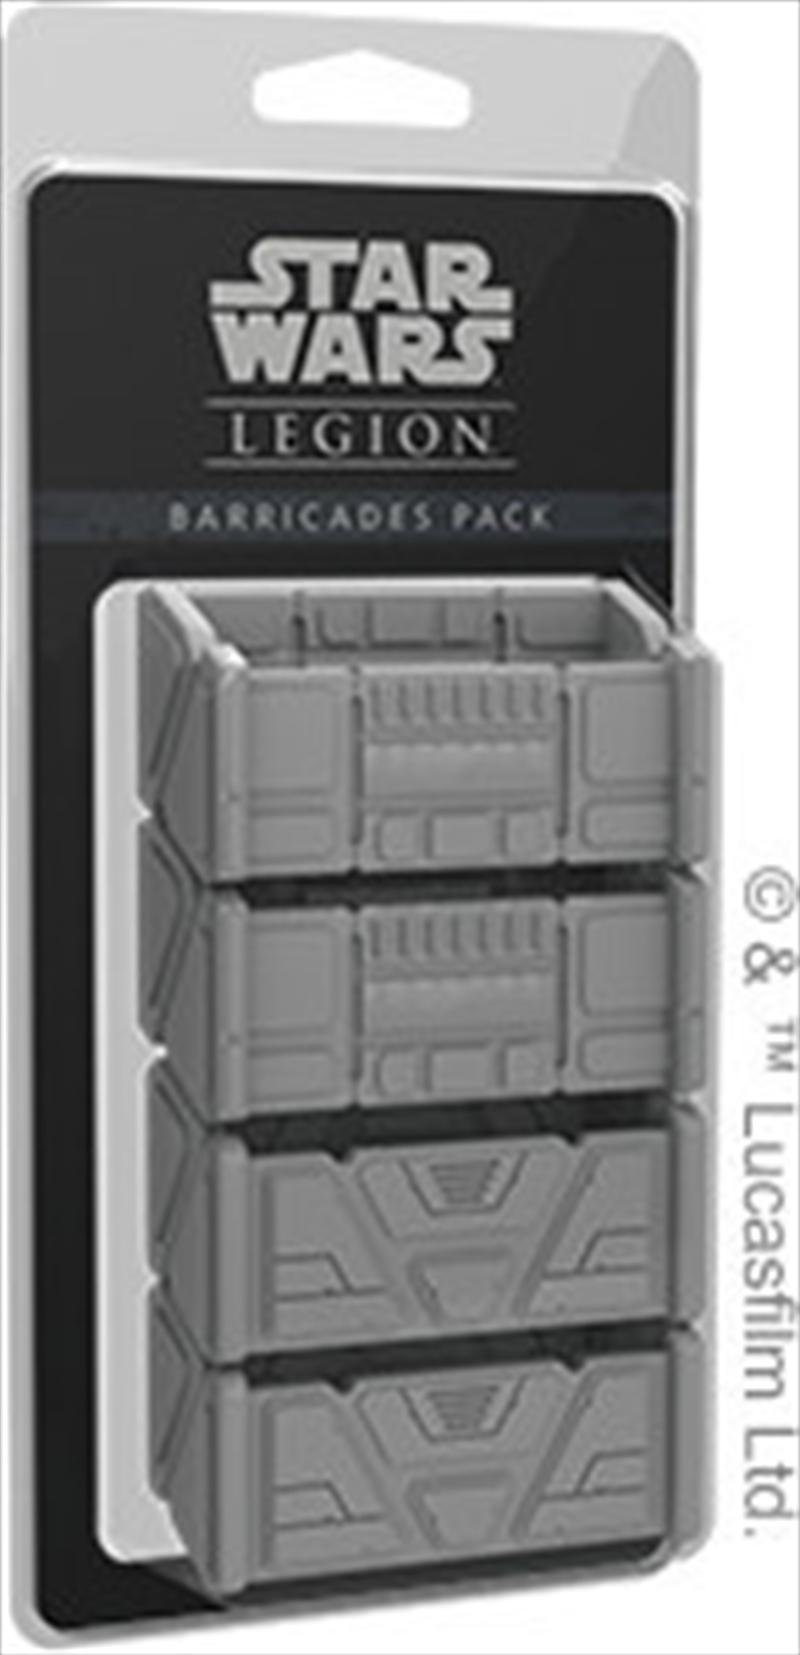 Star Wars Legion Barricades Pack   Merchandise